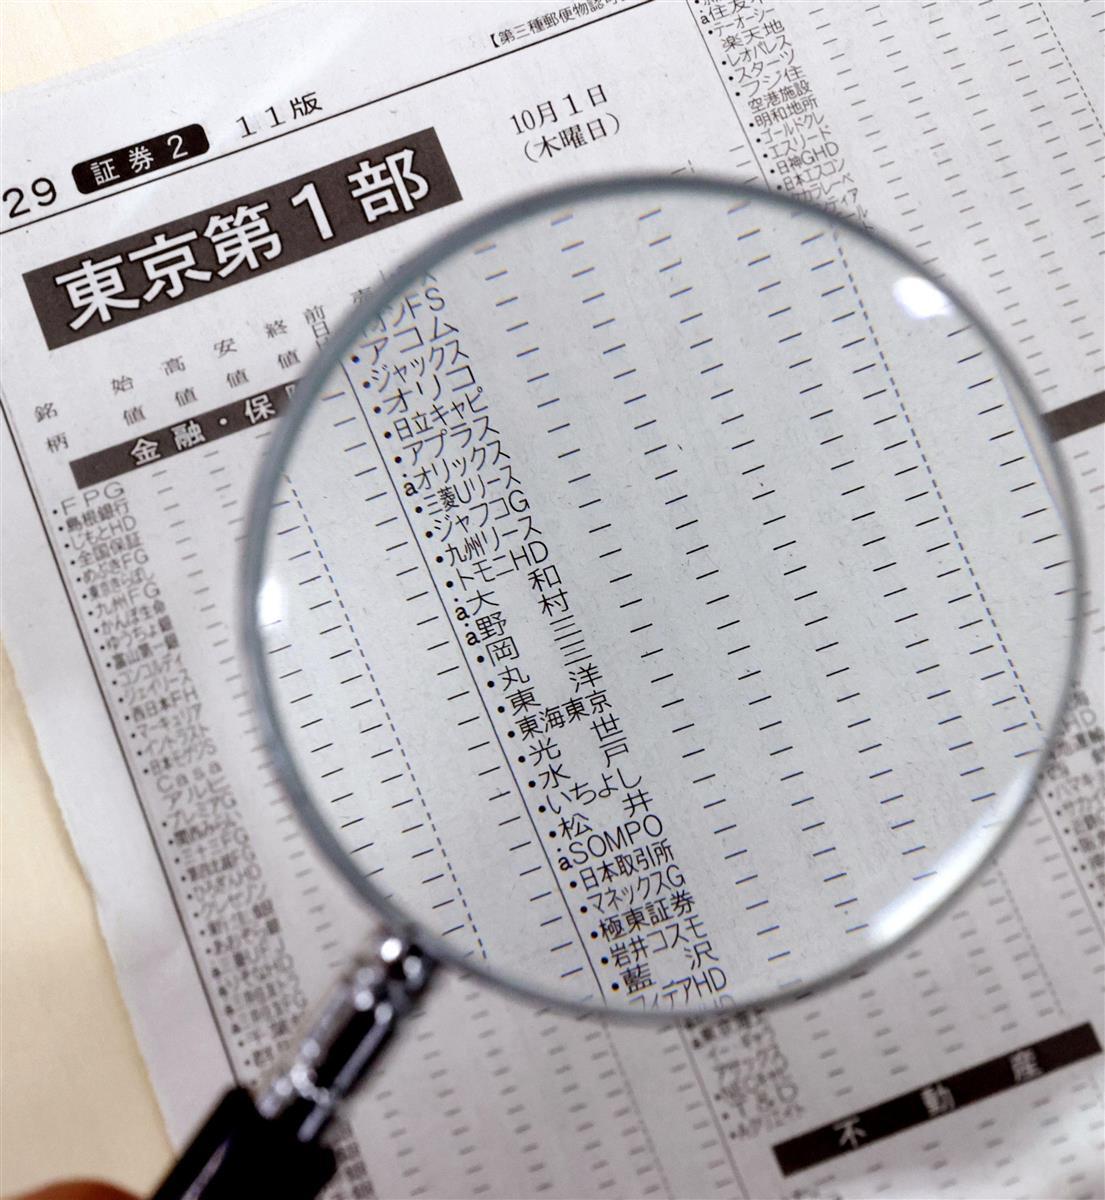 東京証券取引所での株式全銘柄の売買停止で、株価が記載されていない2日付朝刊の新聞紙面=2日午前